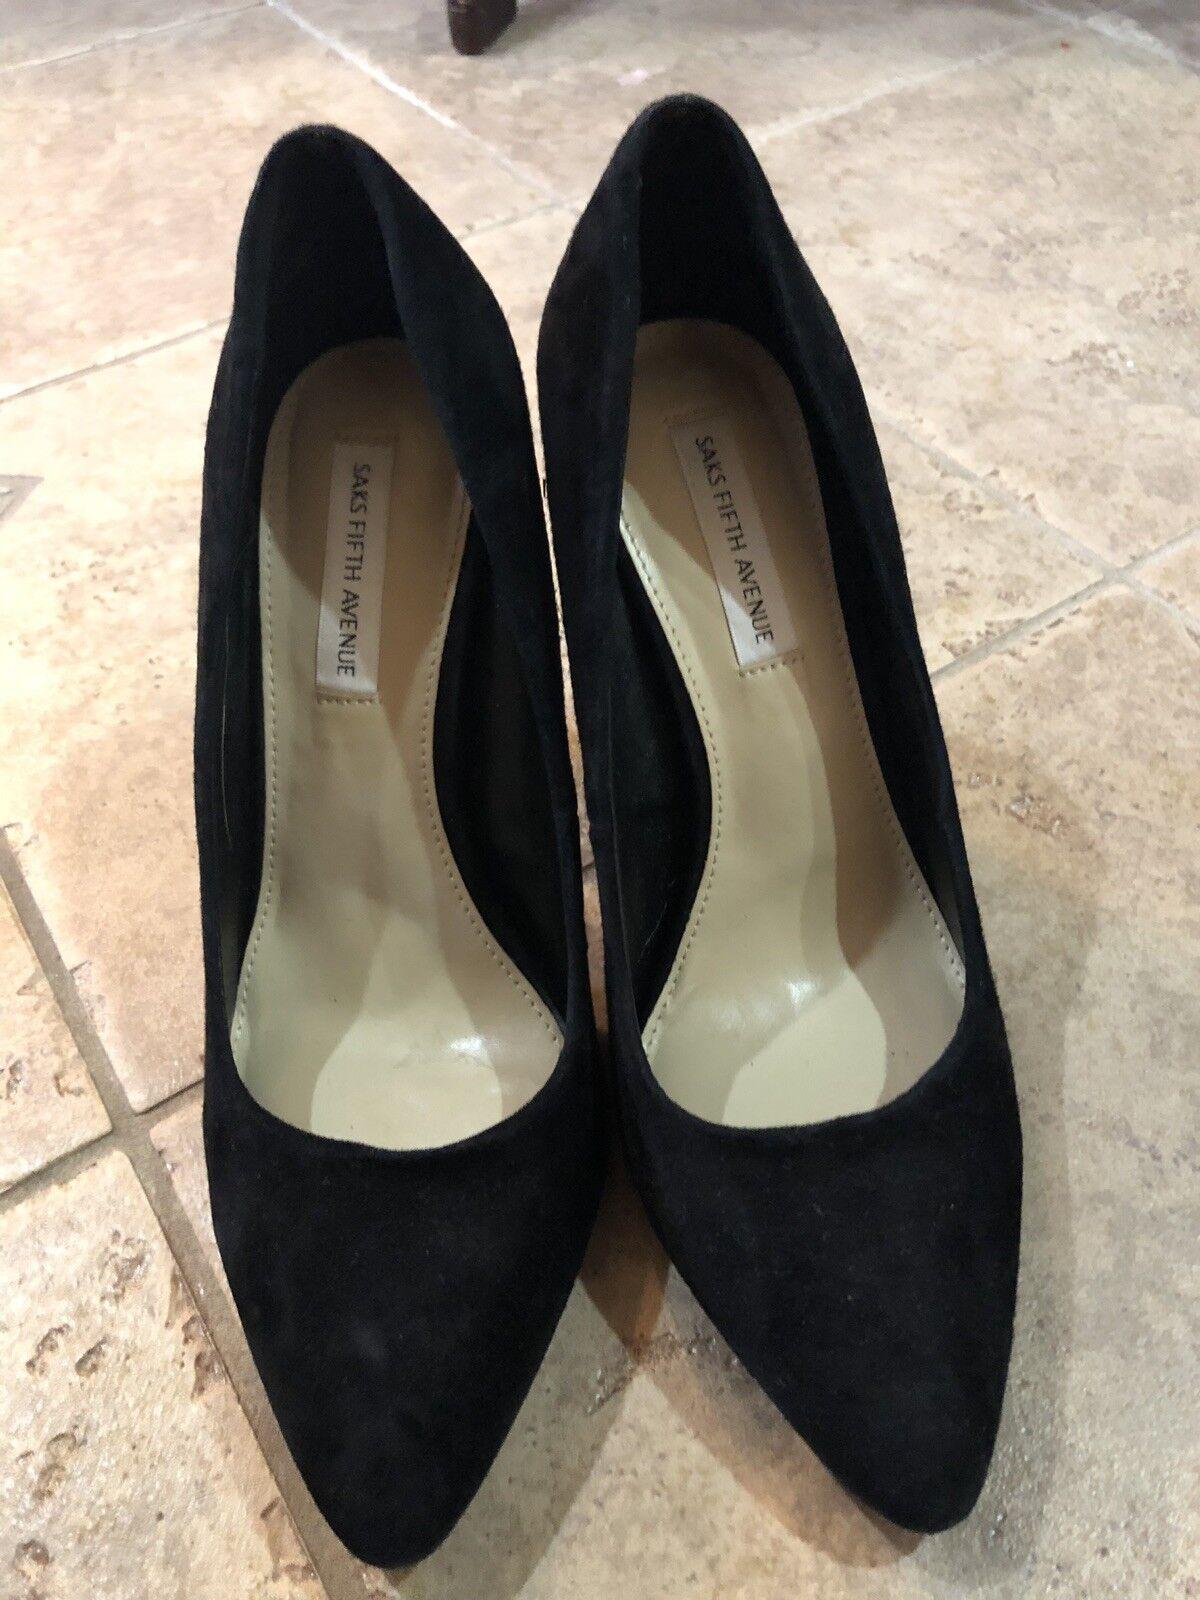 NWT SAKS SAKS SAKS Black Block Heels Size 7 8657b9